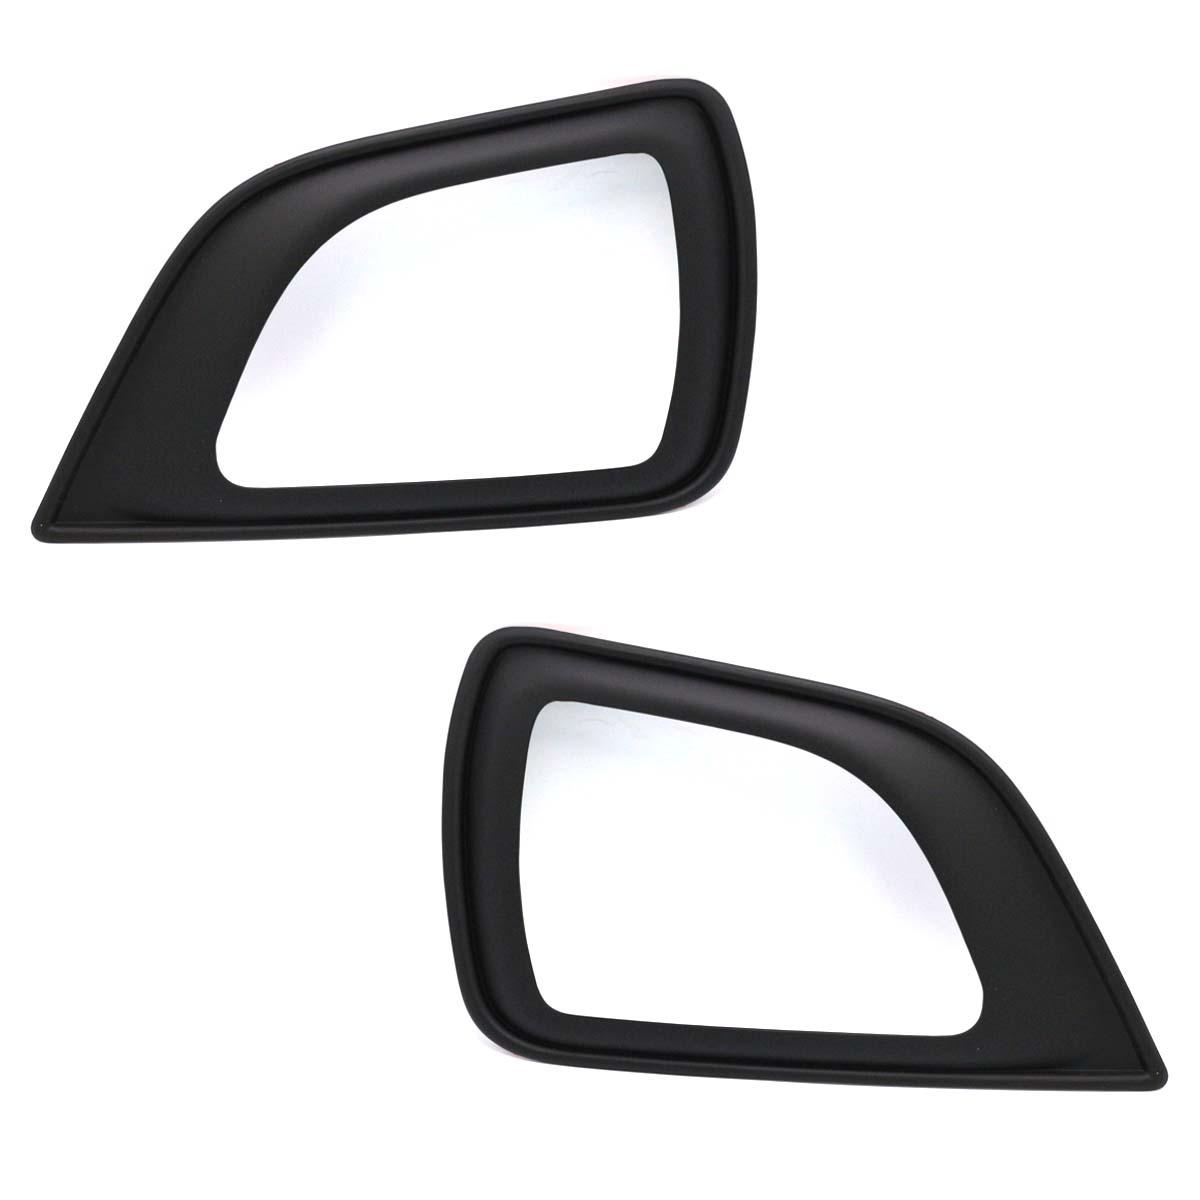 Spot Light Fog Lamp Cover Black Carbon Film For Nissan NP300 D23 2015 2018